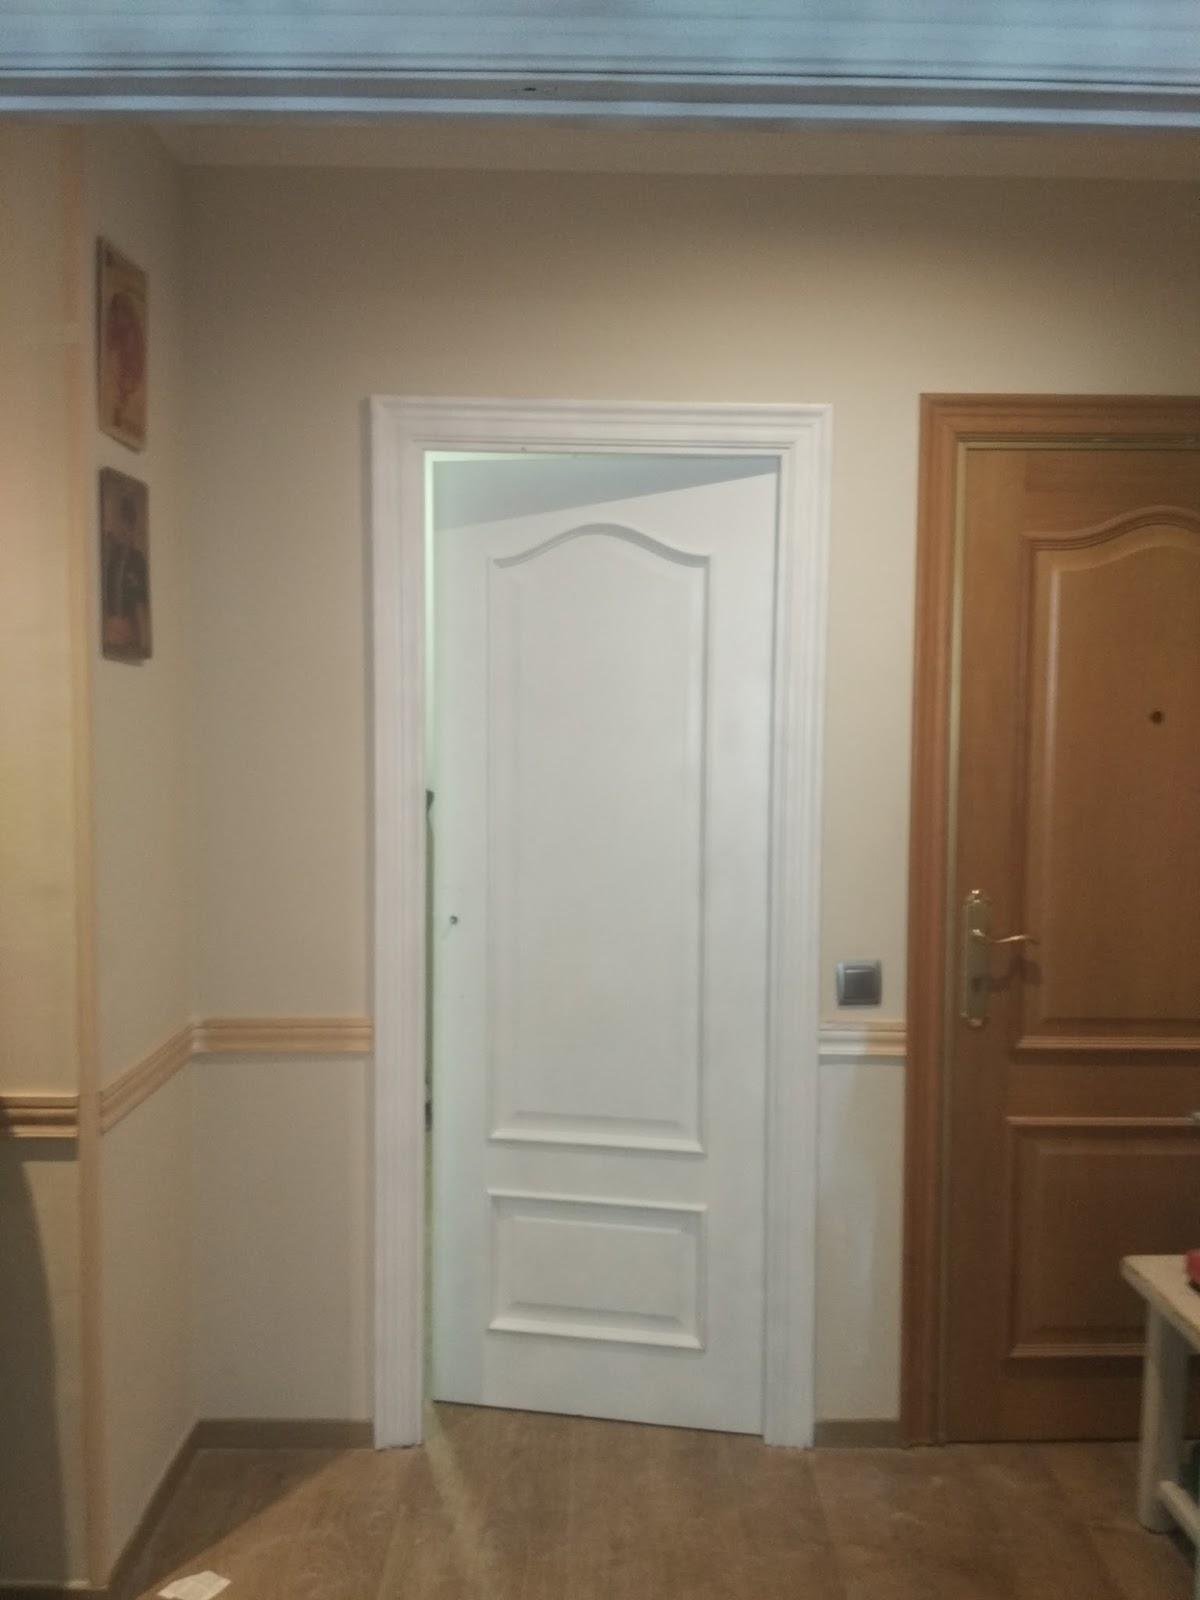 Puertas lacadas en blanco leroy merlin good bueno leroy for Puertas leroy merlin